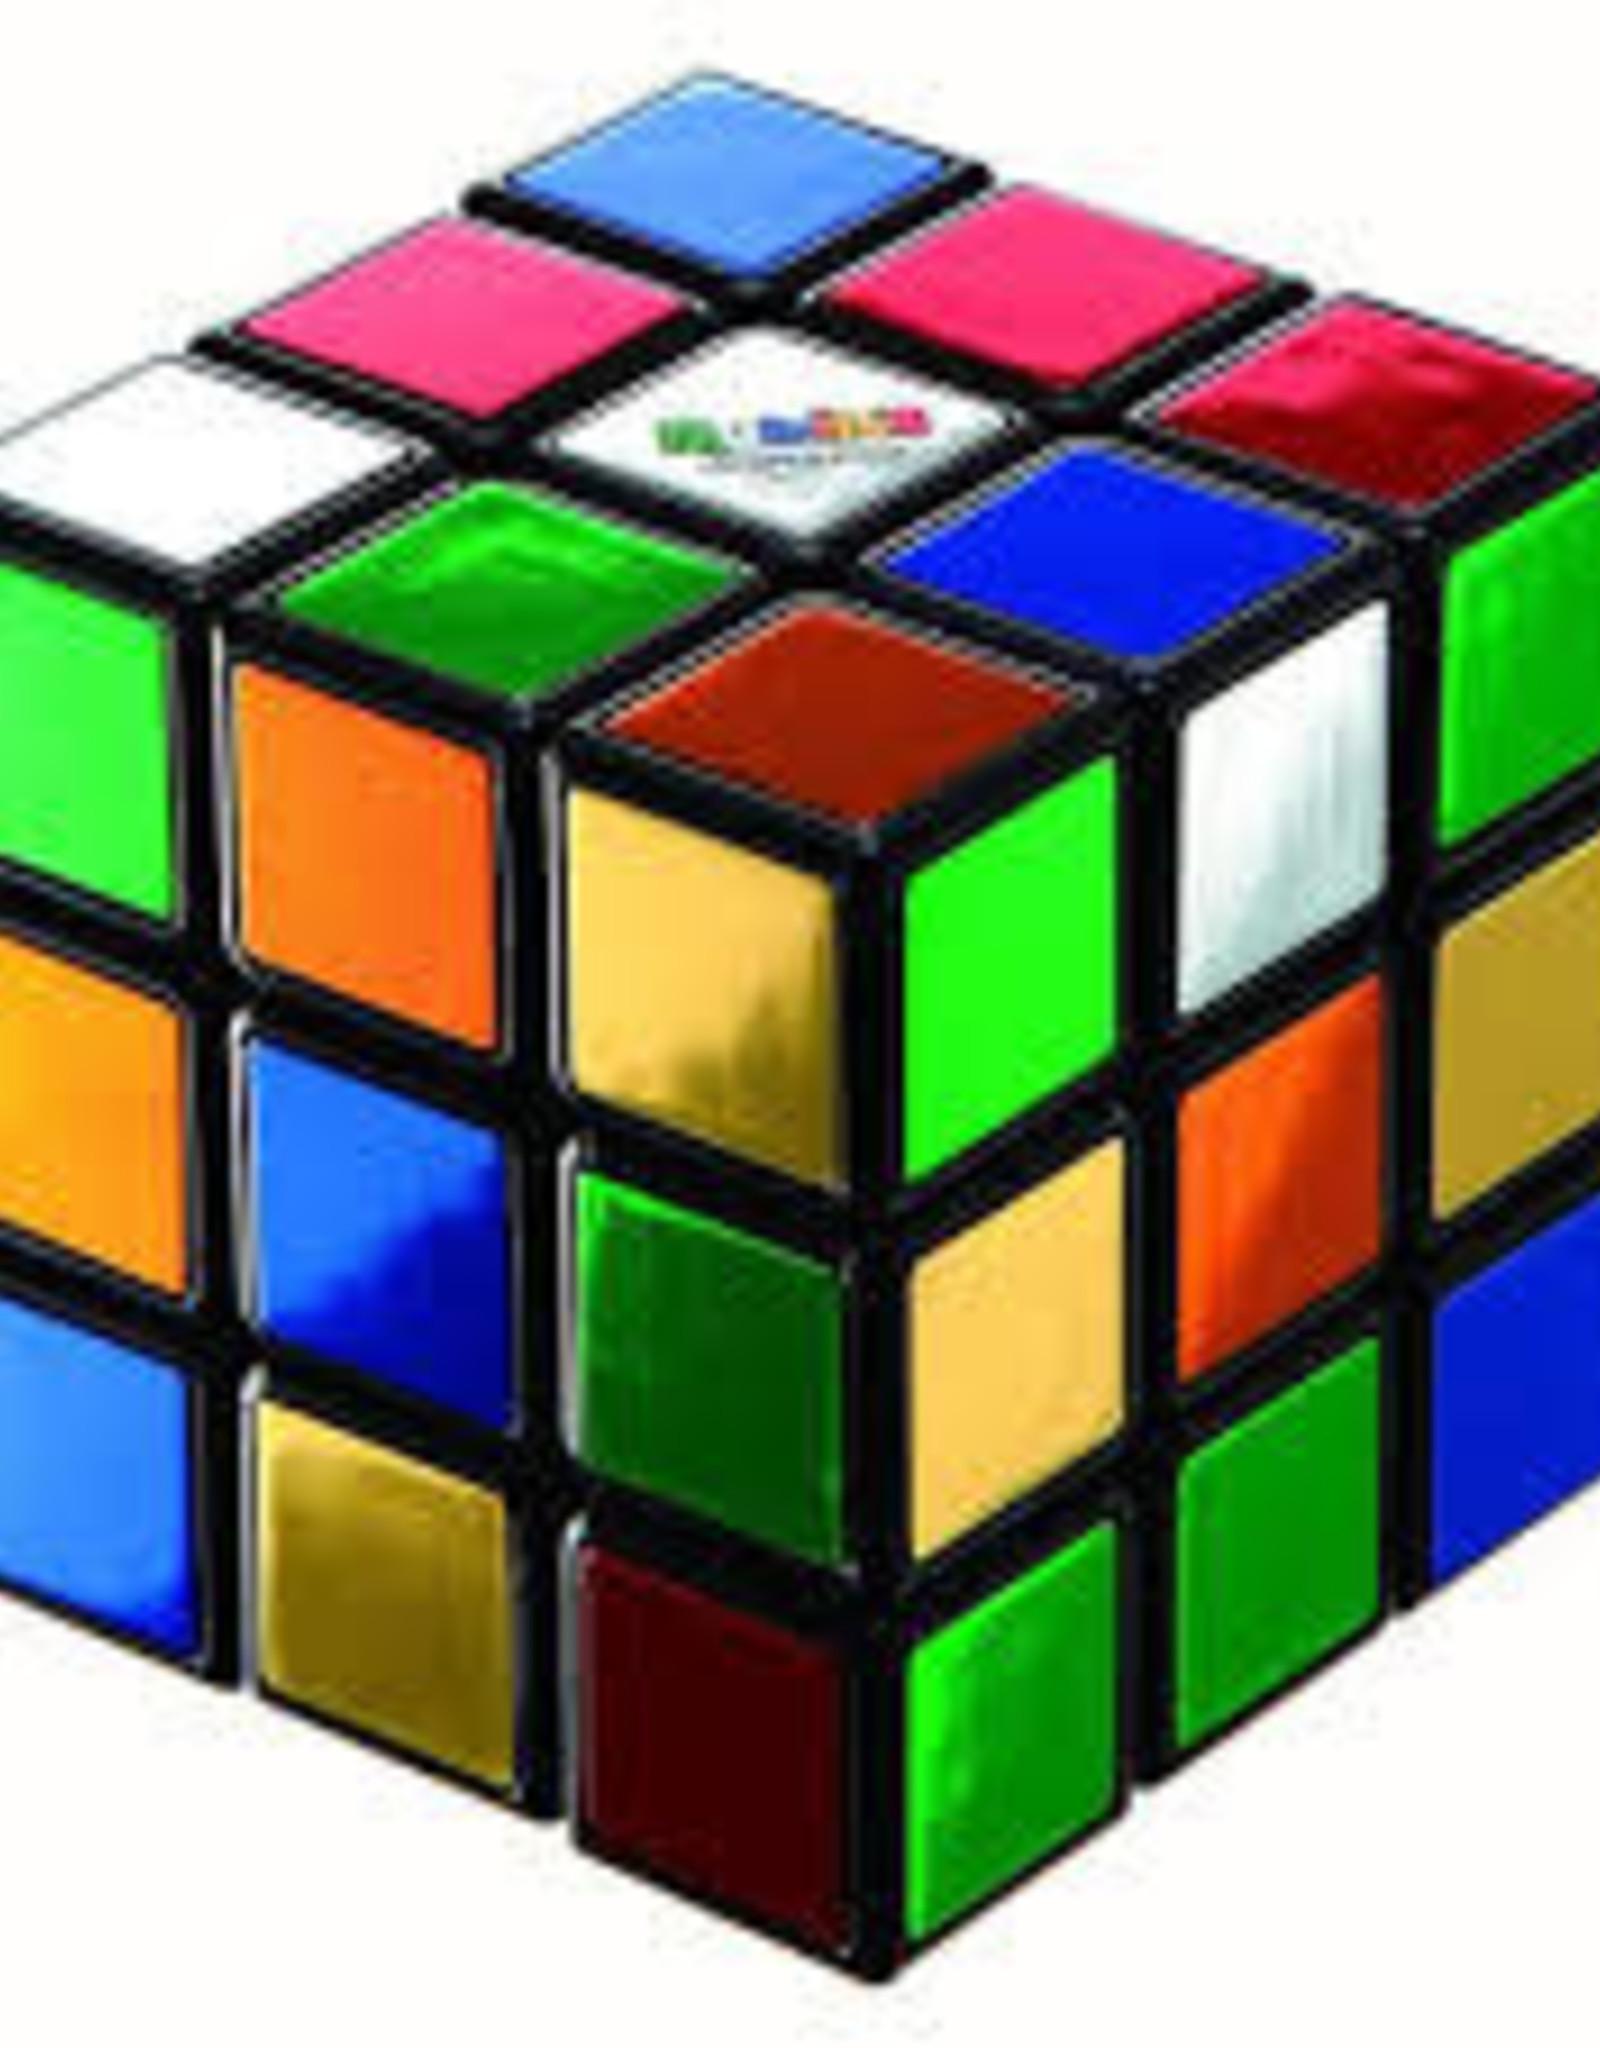 Rubik's 40th Anniversary Metallic